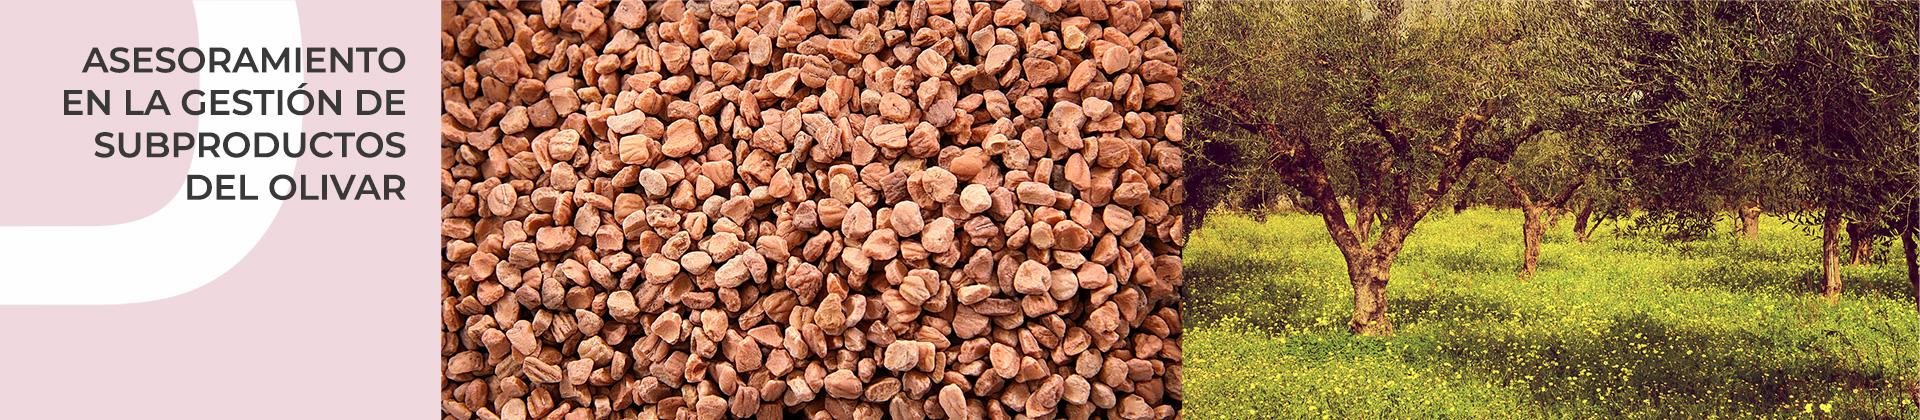 Asesoramiento en la gestión de subproductos del olivar